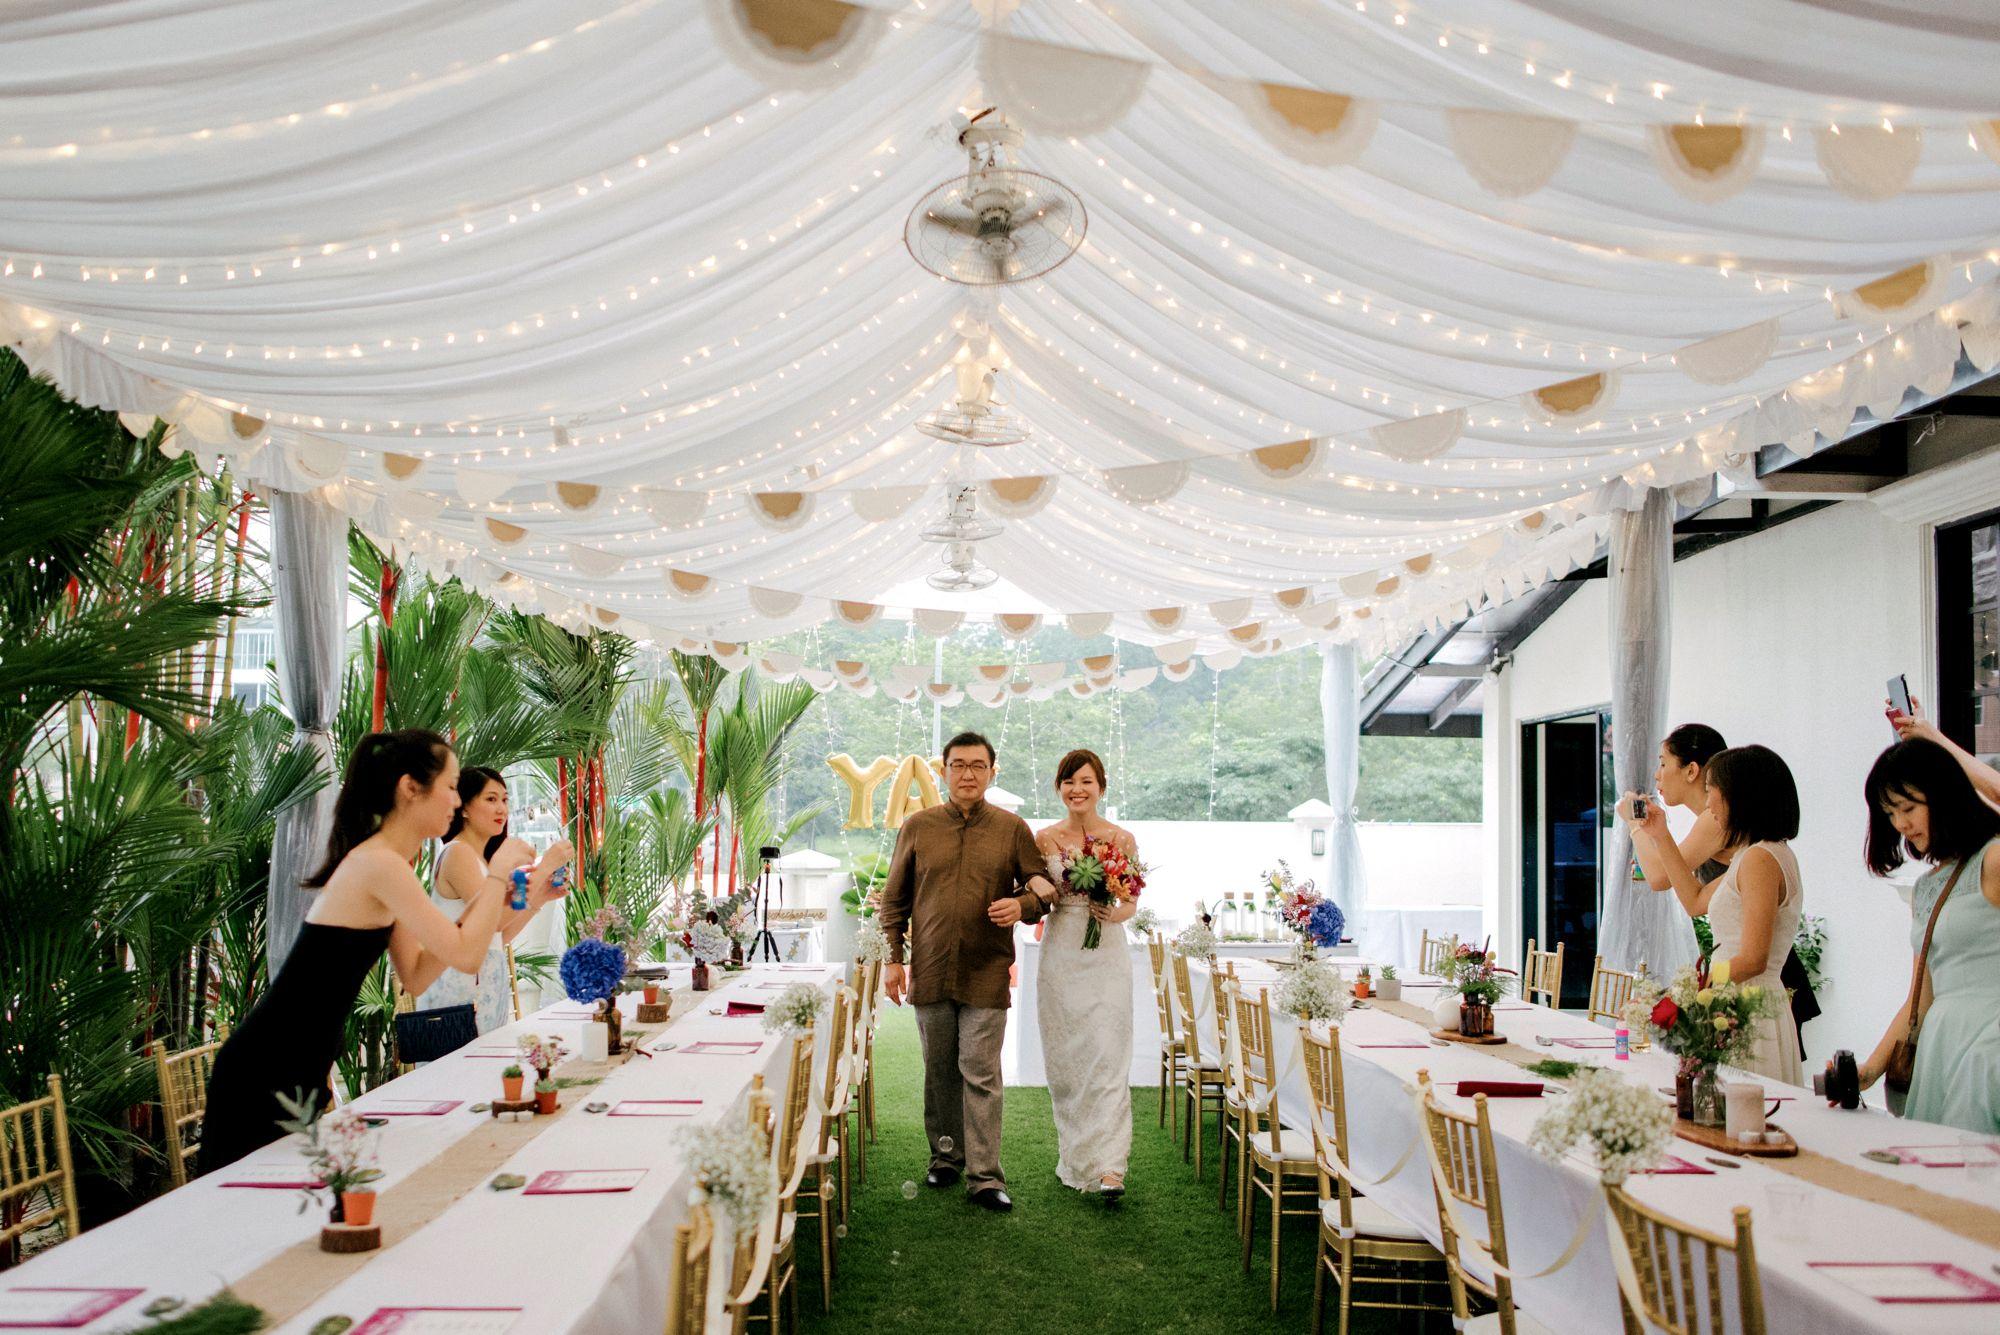 Elegant Wedding Reception Decorations Sg – Wedding